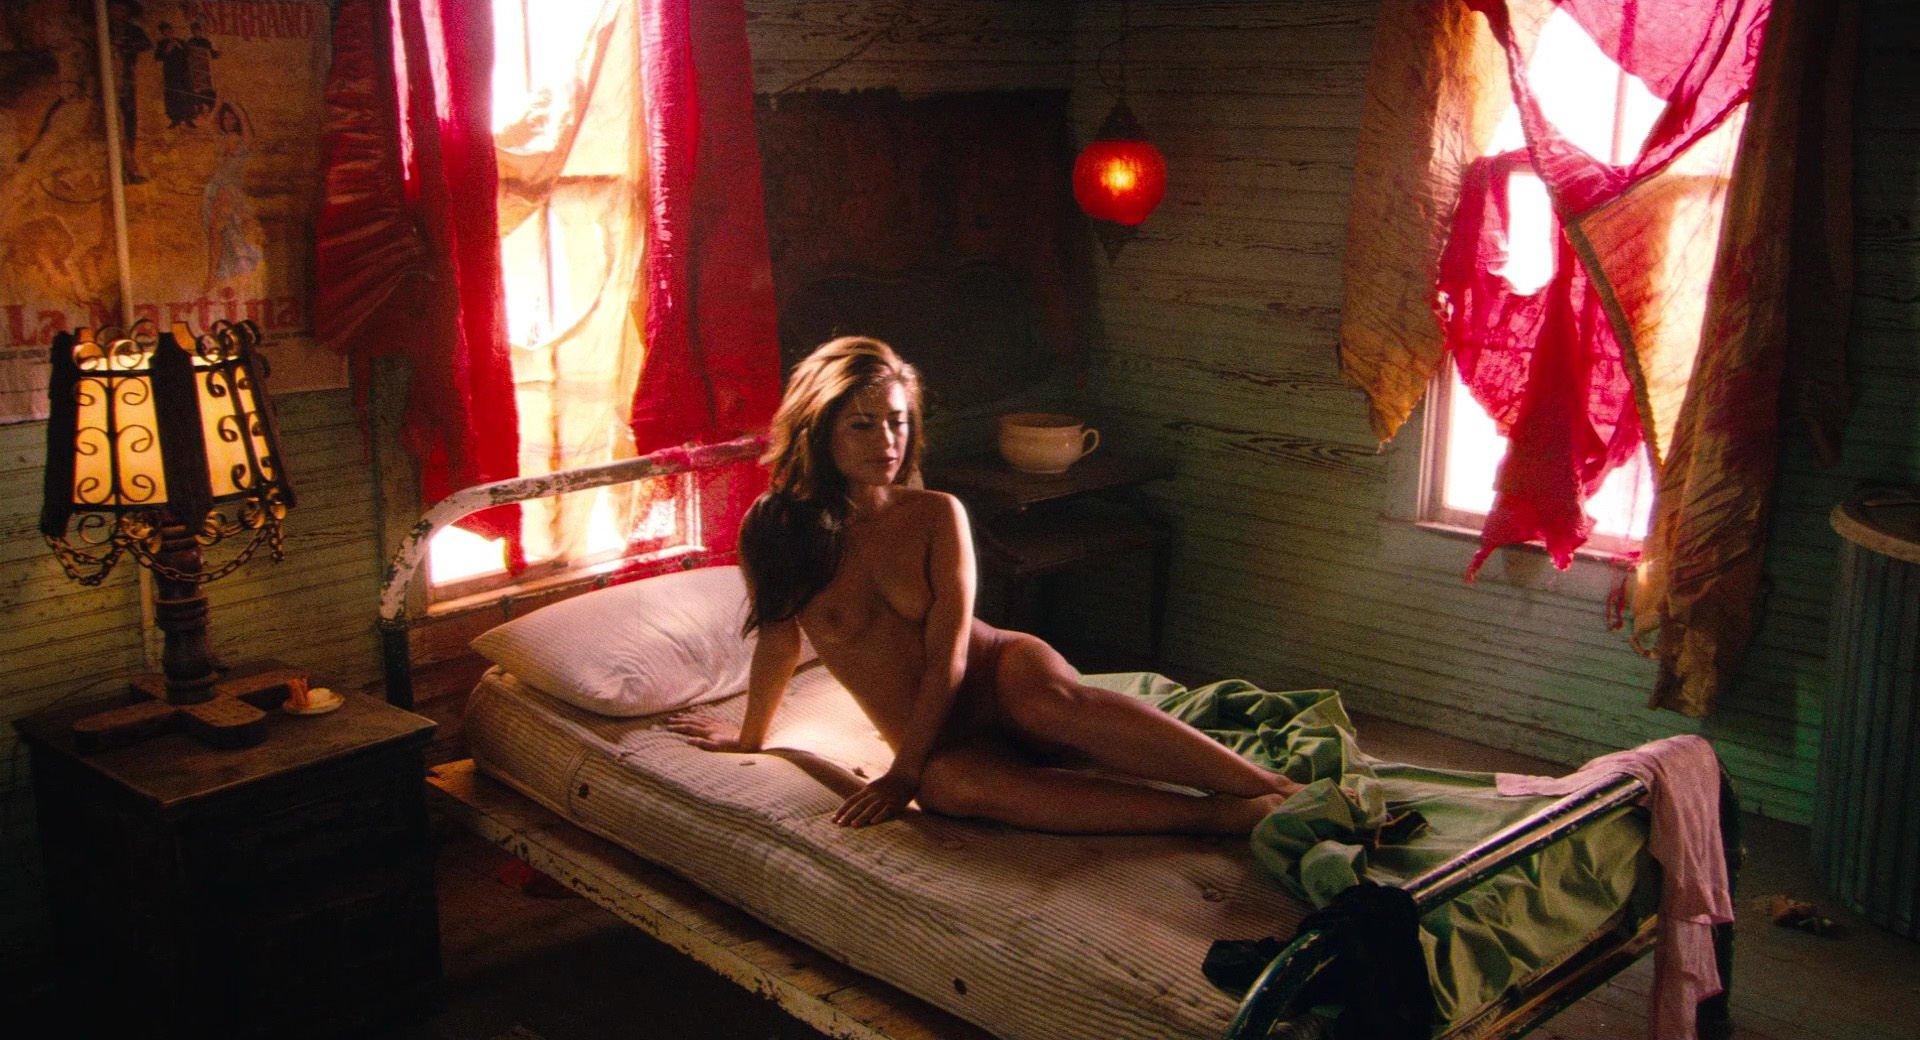 nude Jessica machete alba